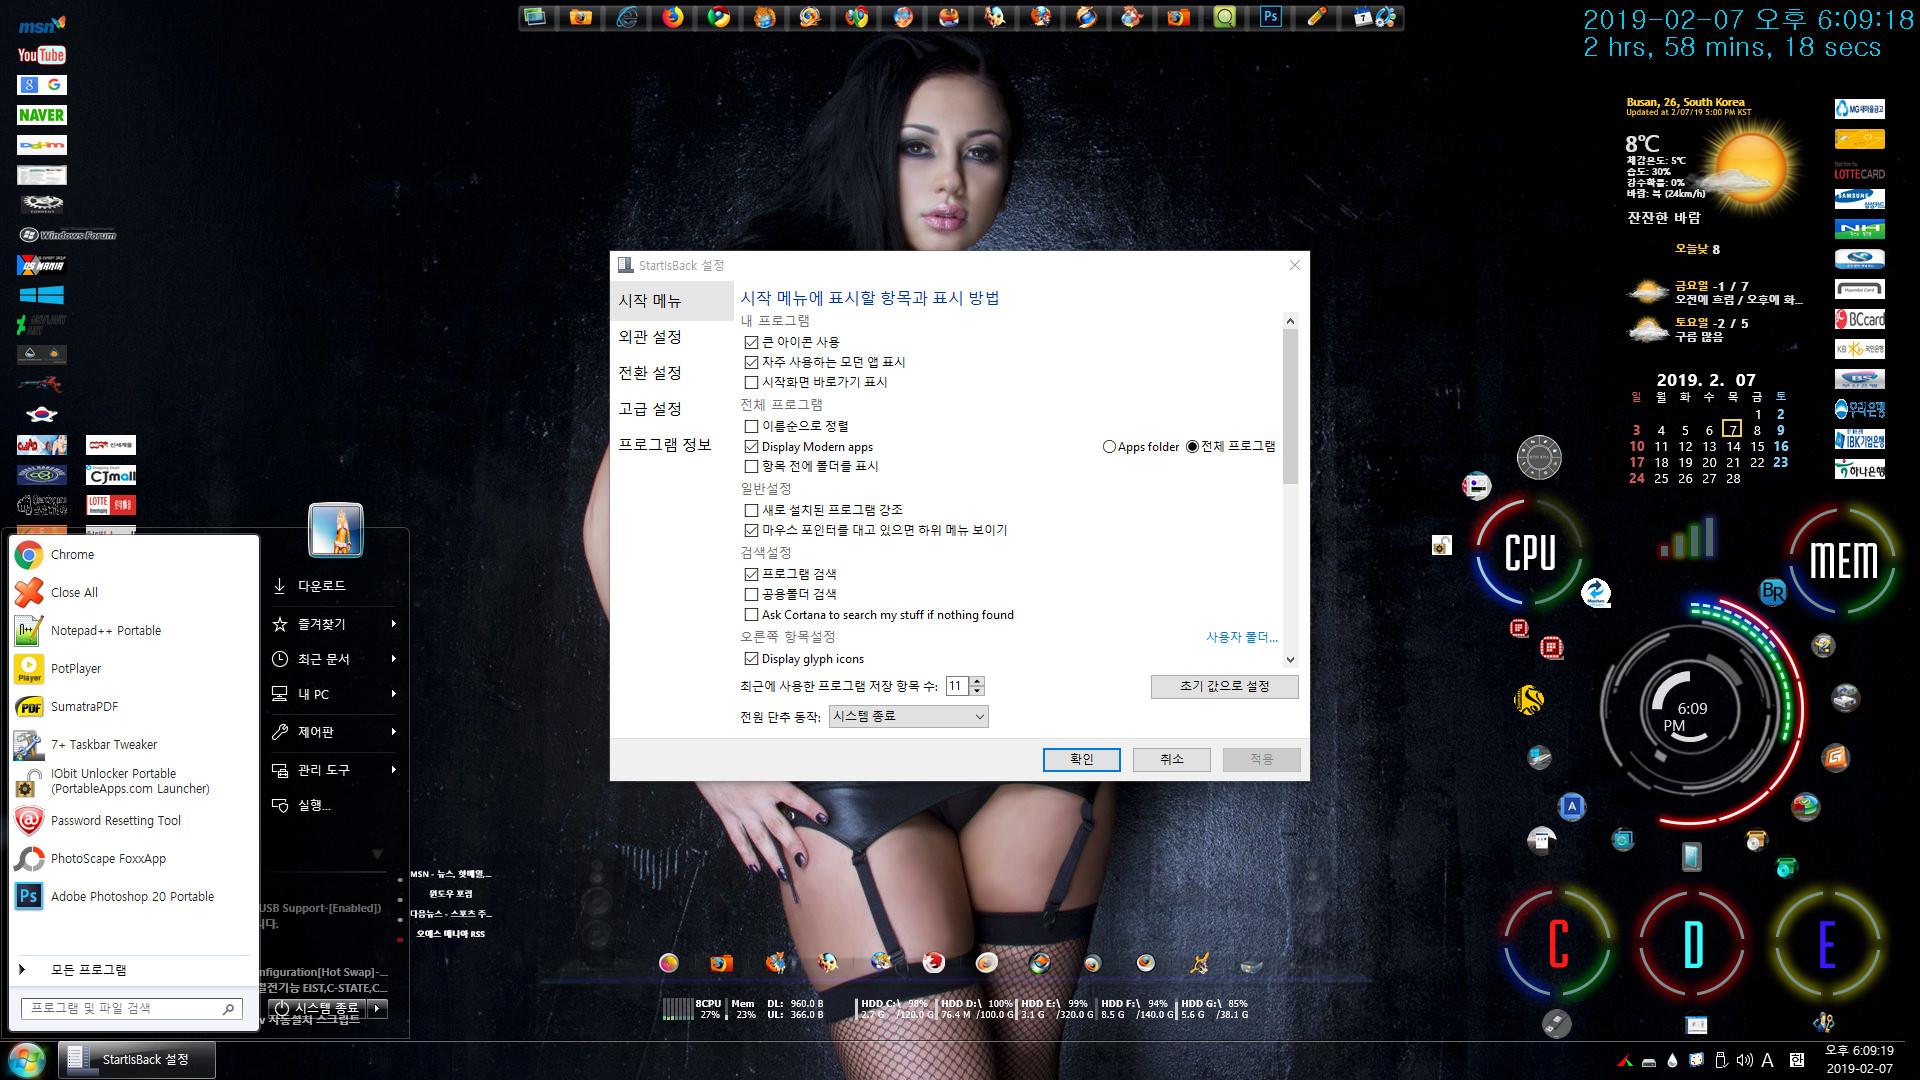 ReMount_pArAoTPg41_0004.jpg